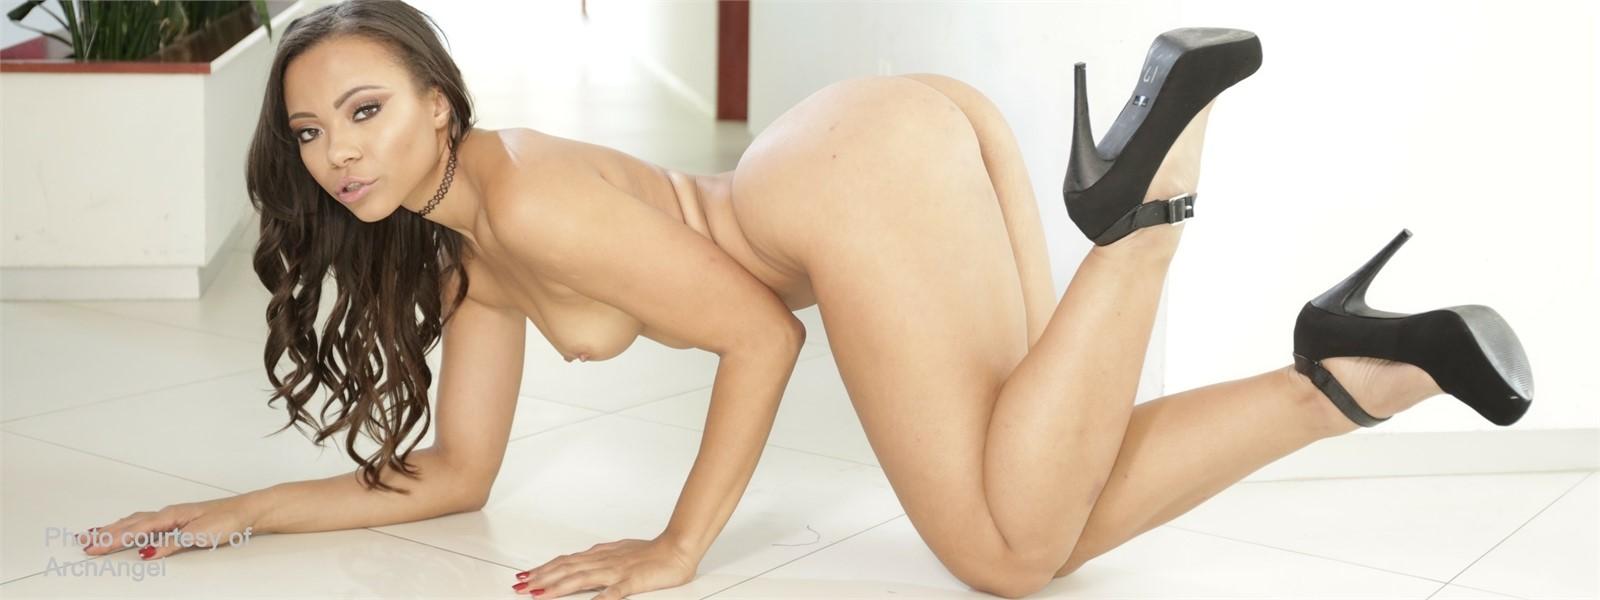 Adriana Maya Hero Image